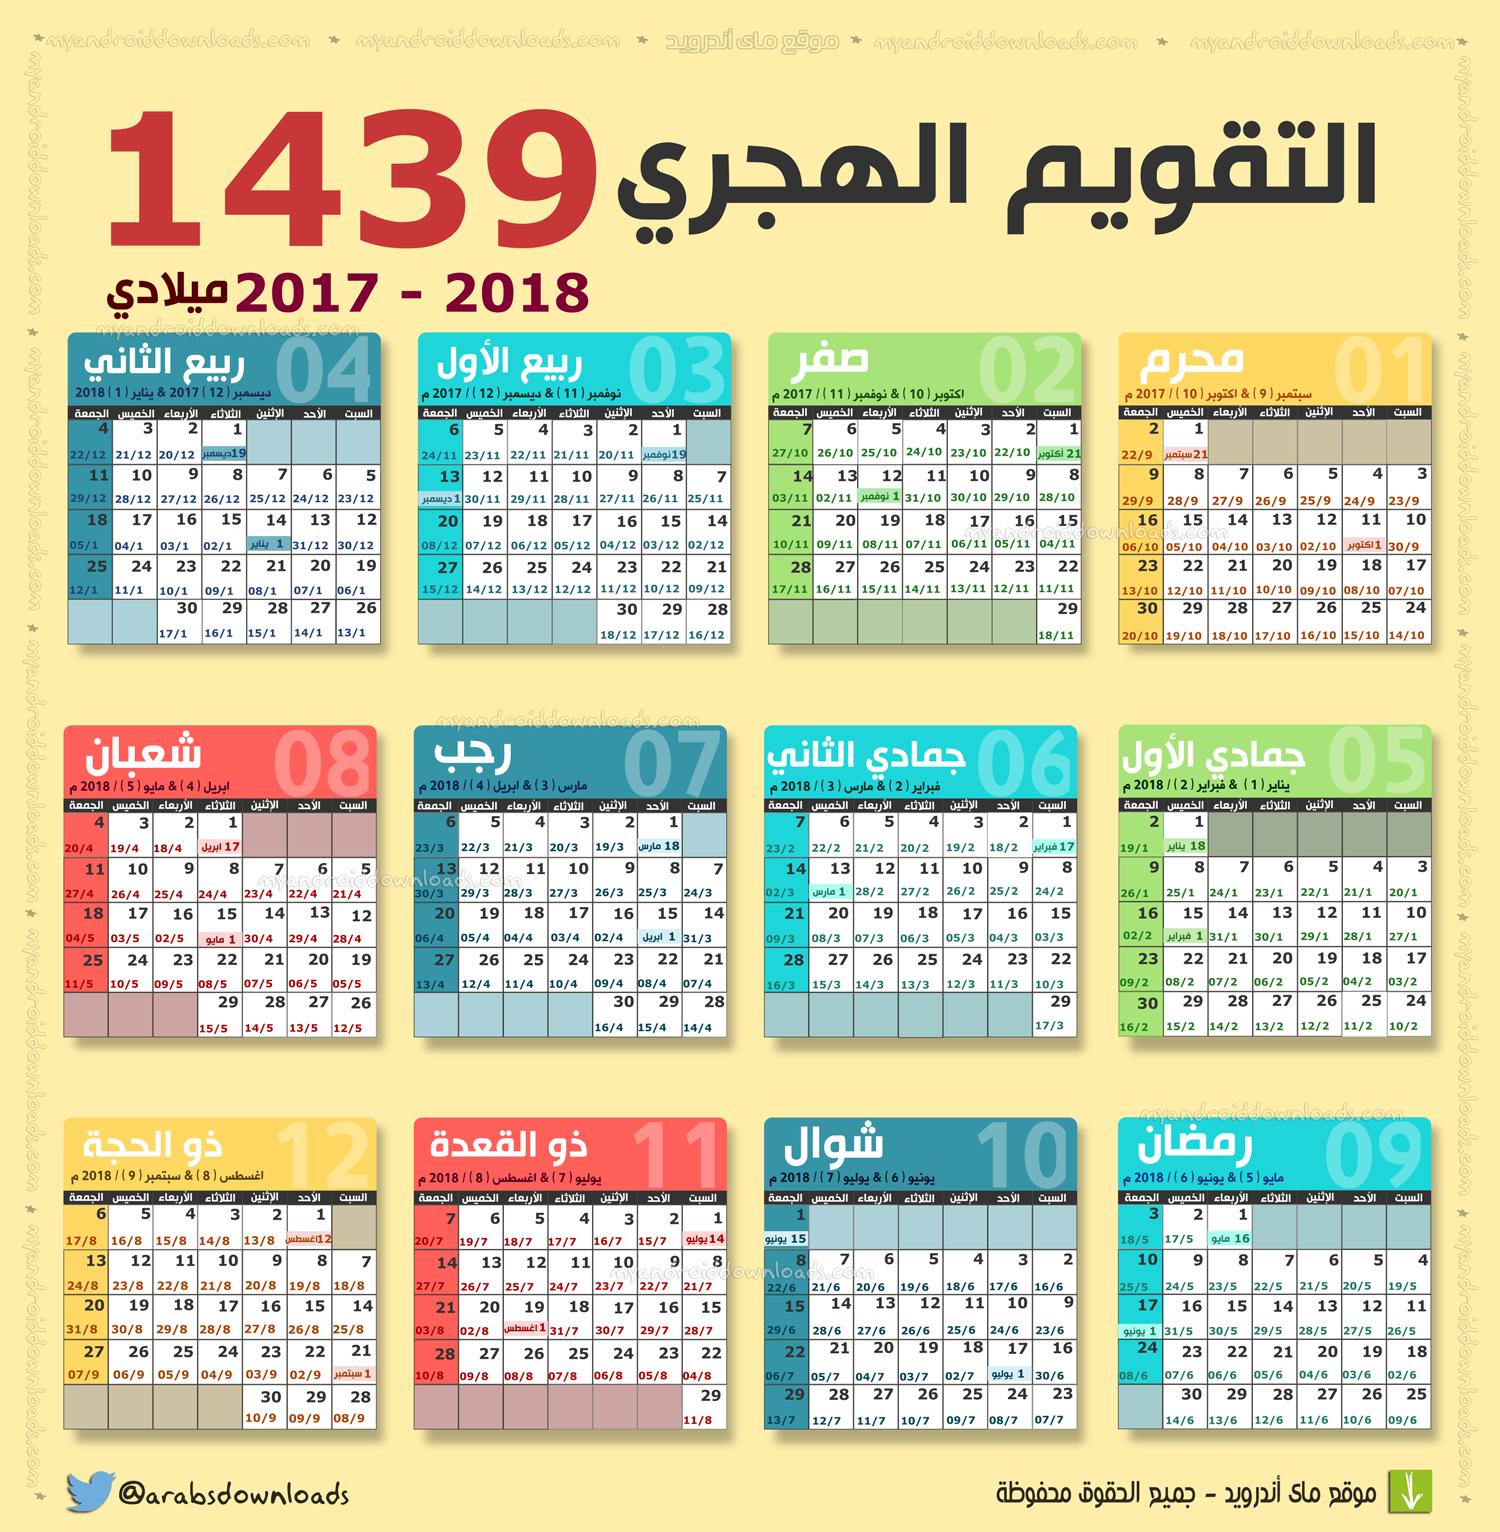 بالصور 1439 هجرى , السنة الهجرية مصورة , اروع بطاقات السنة الهجرية 1439 hijri-miladi-calenda